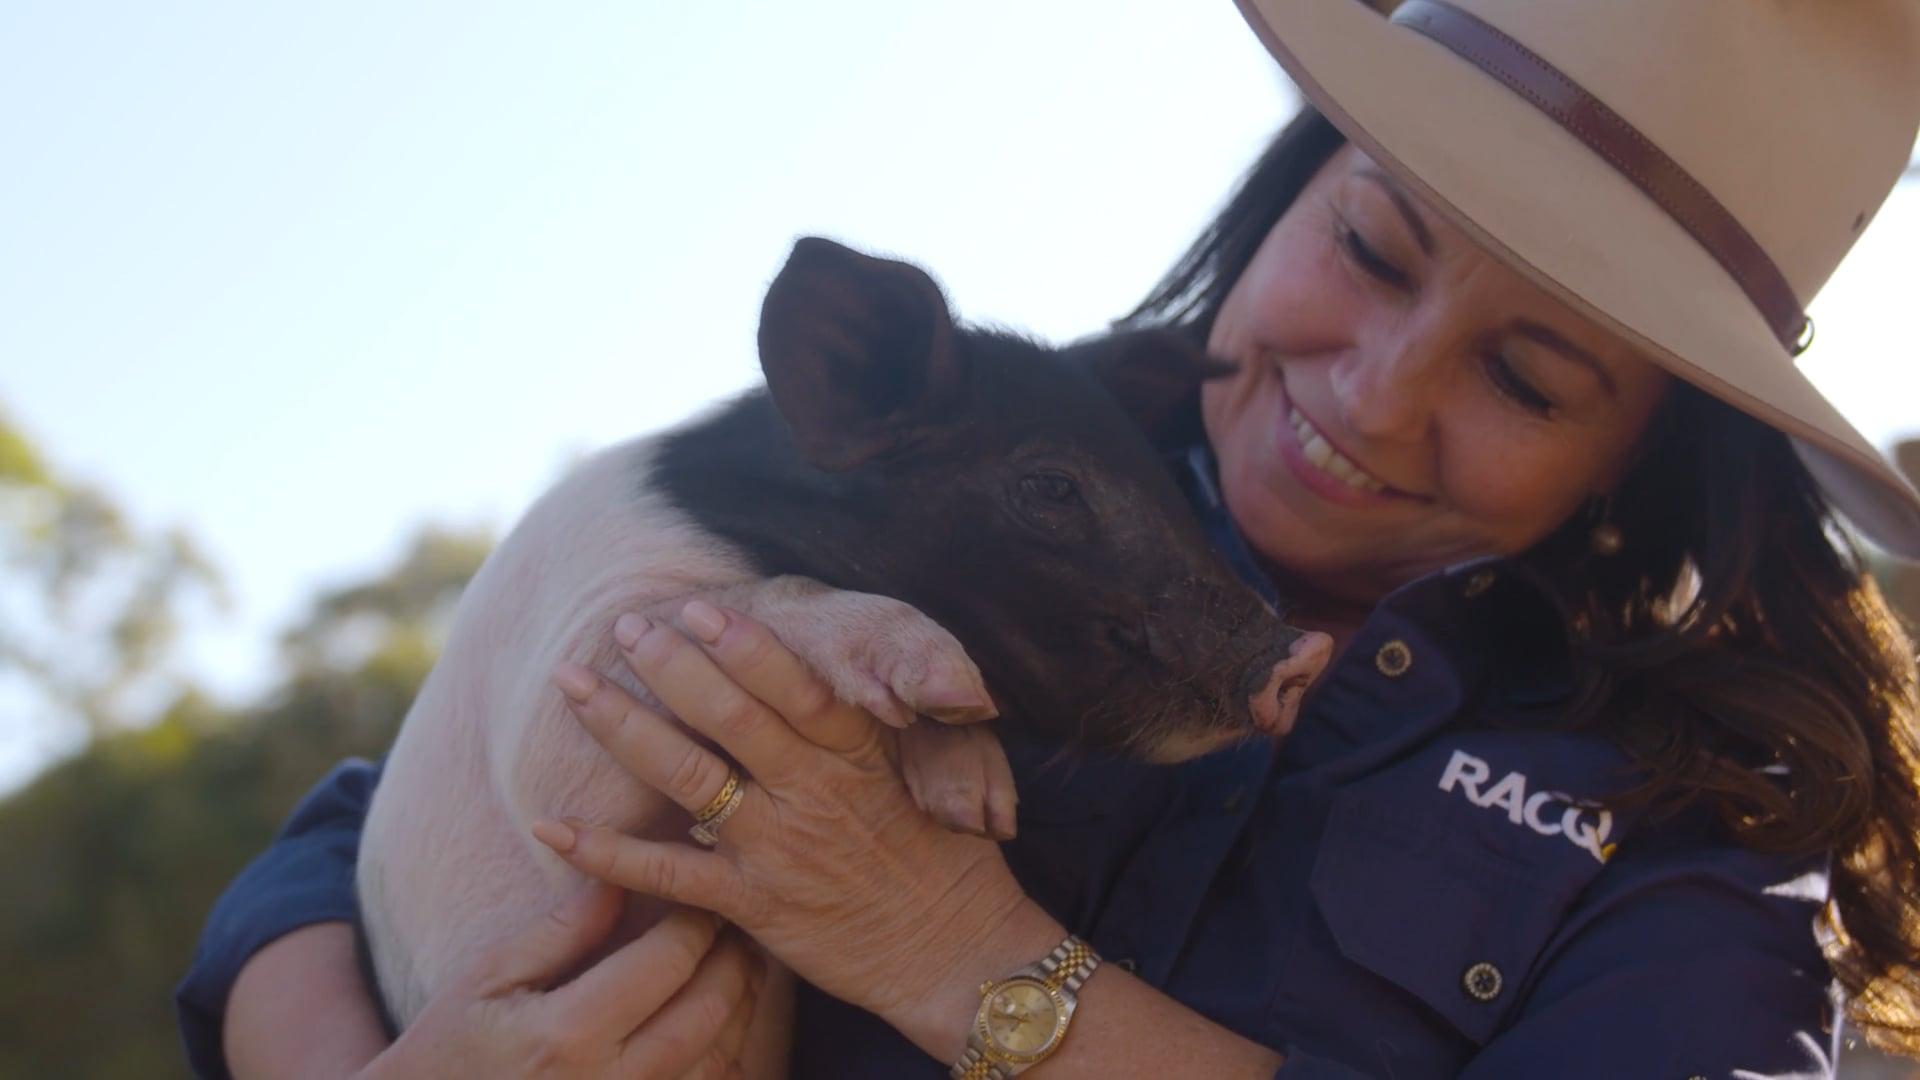 Meet a Piglet